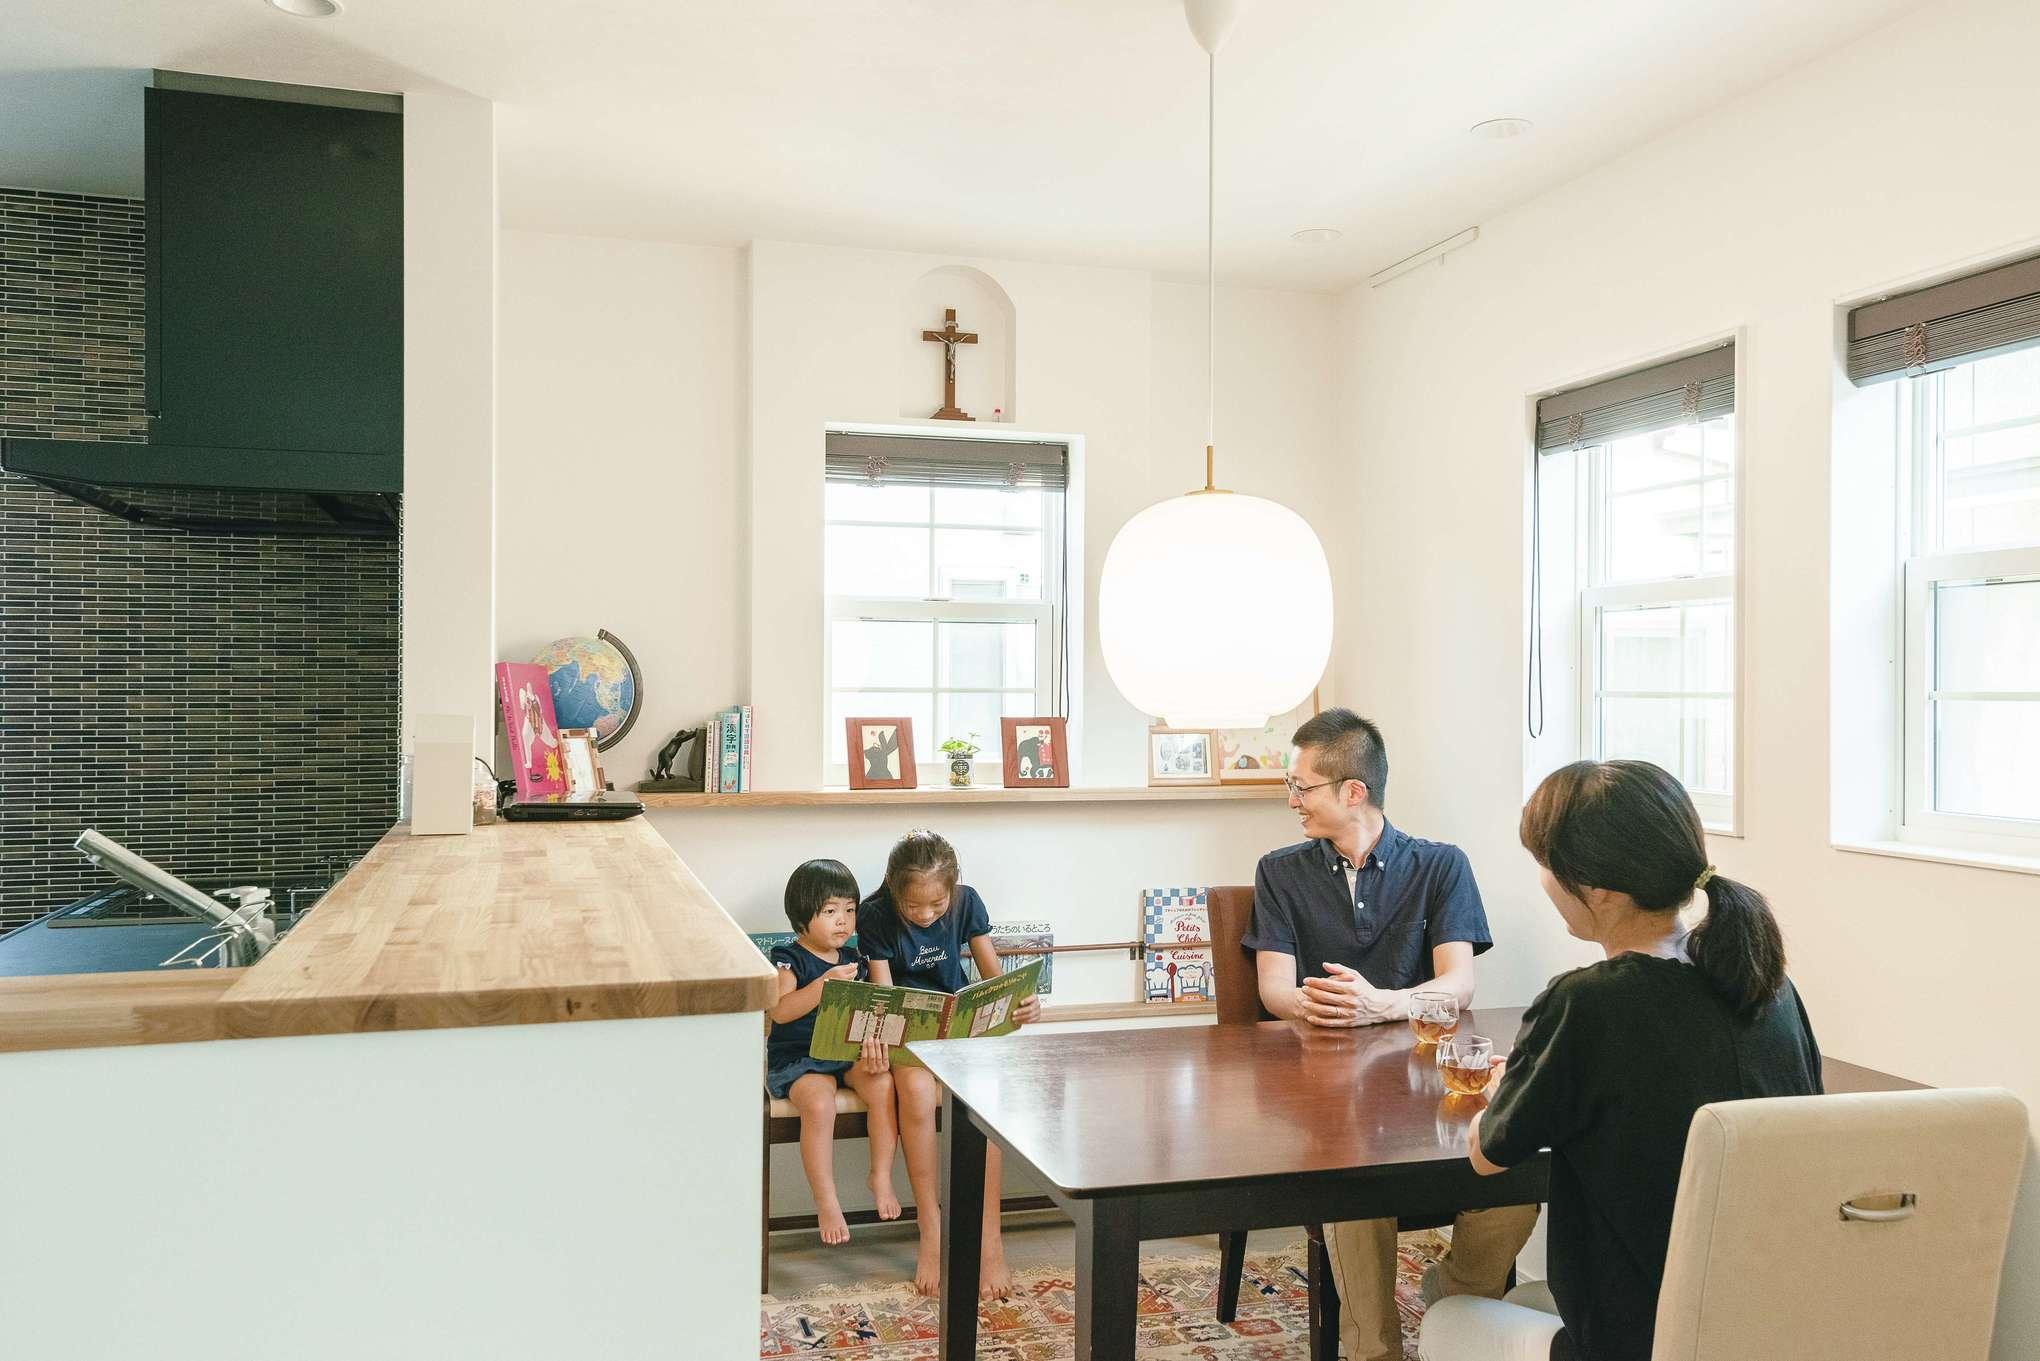 四季彩ひだまり工房 高田工務店【子育て、省エネ、間取り】光がたっぷりと入るダイニング。壁面の凹凸を飾り棚として利用している。マガジンラックは小さな子どもでも手が届く